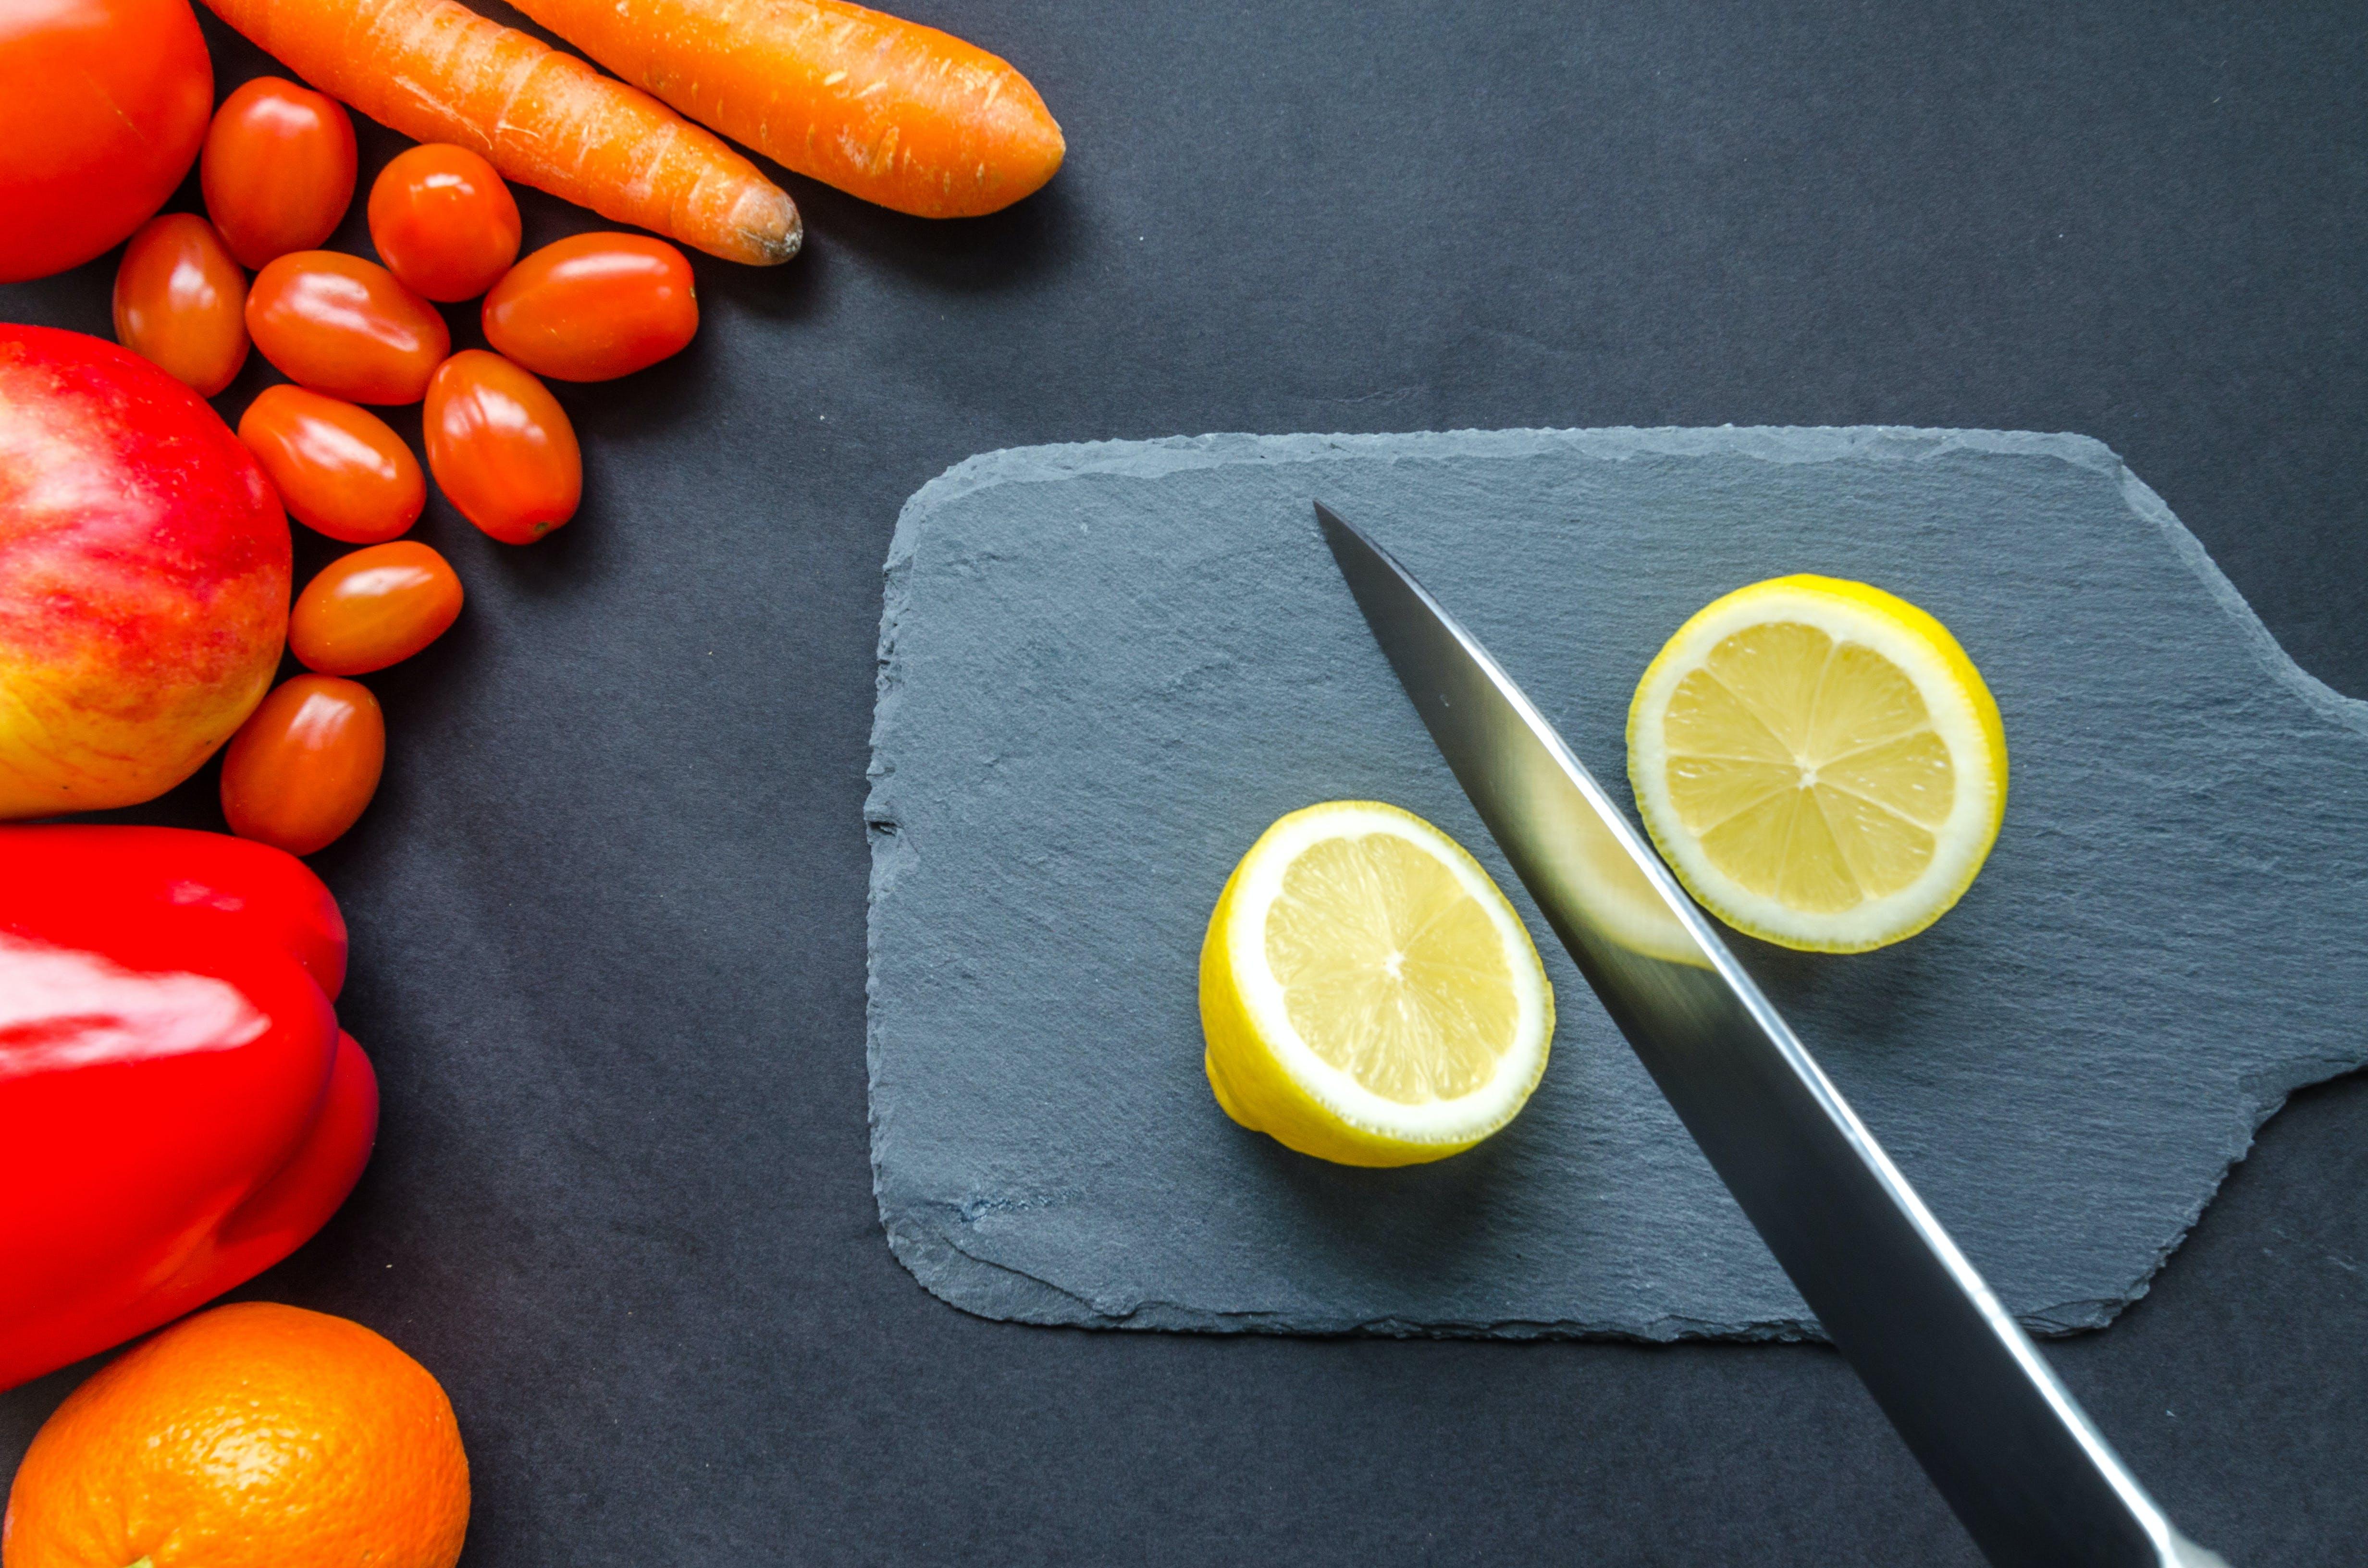 Sliced Lemon on Gray Chopping Board